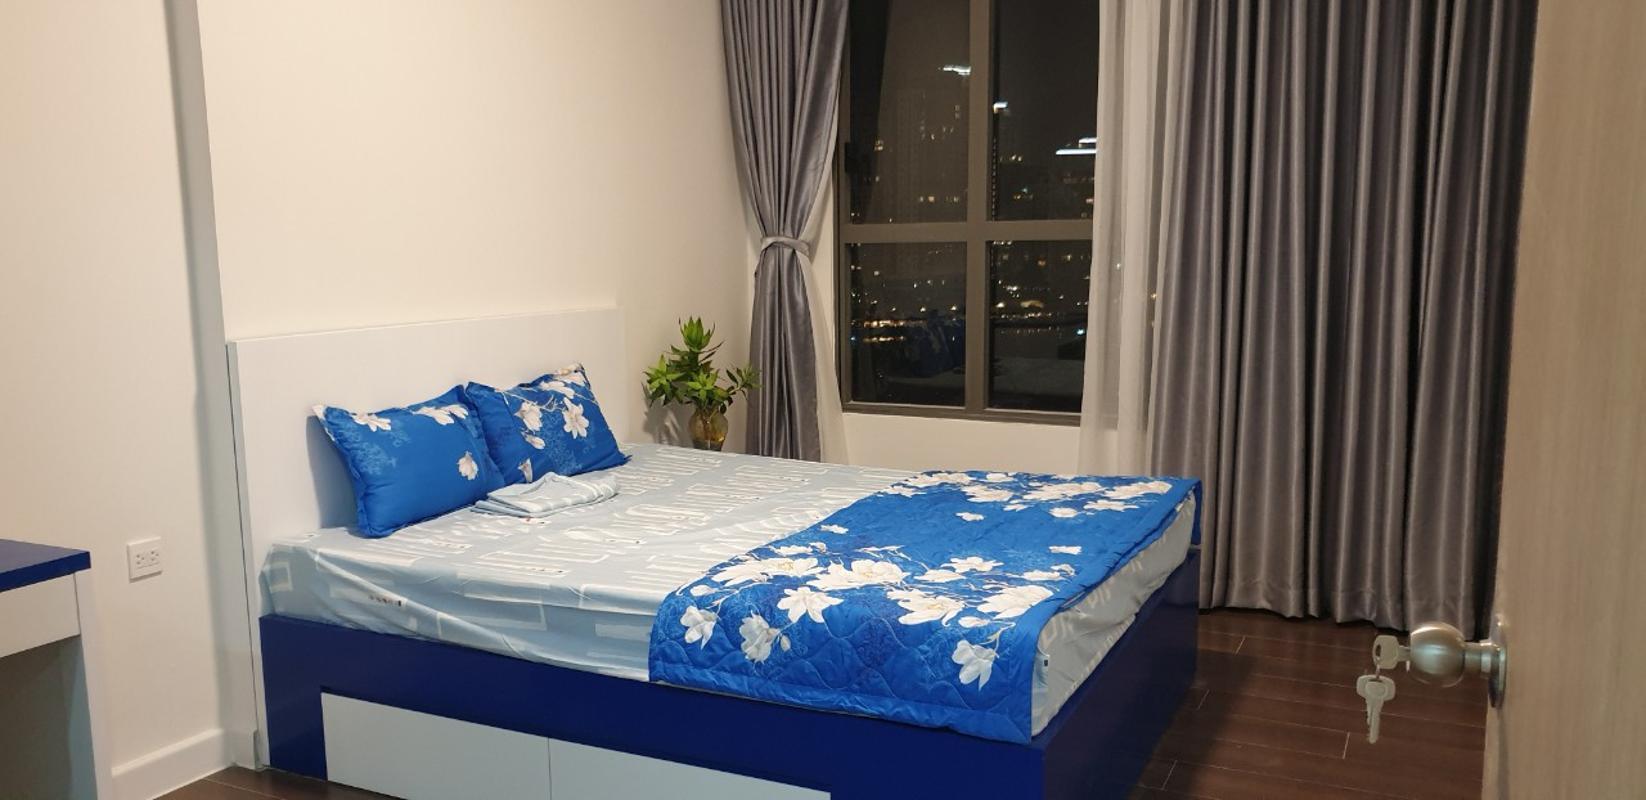 4755e6c14157a609ff46 Cho thuê căn hộ The Sun Avenue 2PN, tầng thấp, block 2, đầy đủ nội thất, hướng Tây Nam